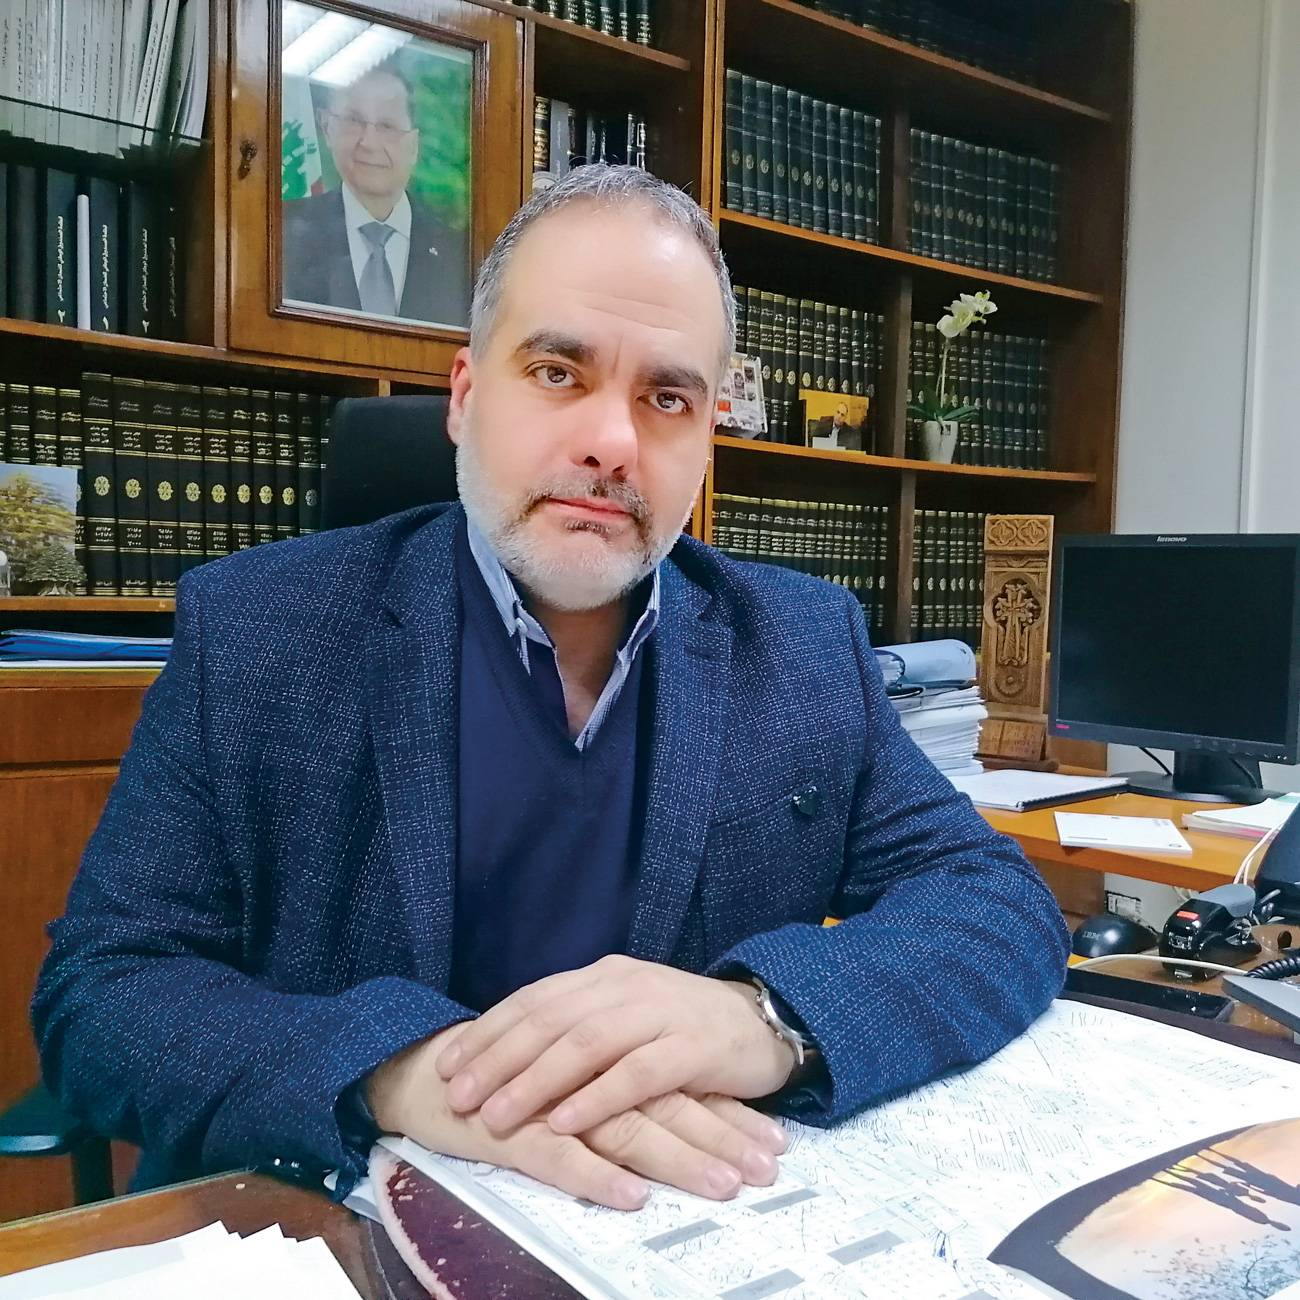 Chawki Abou Nassif : «La quasi-totalité des avoirs de la CNSS sont placés en bons du Trésor et en dépôts en livres»